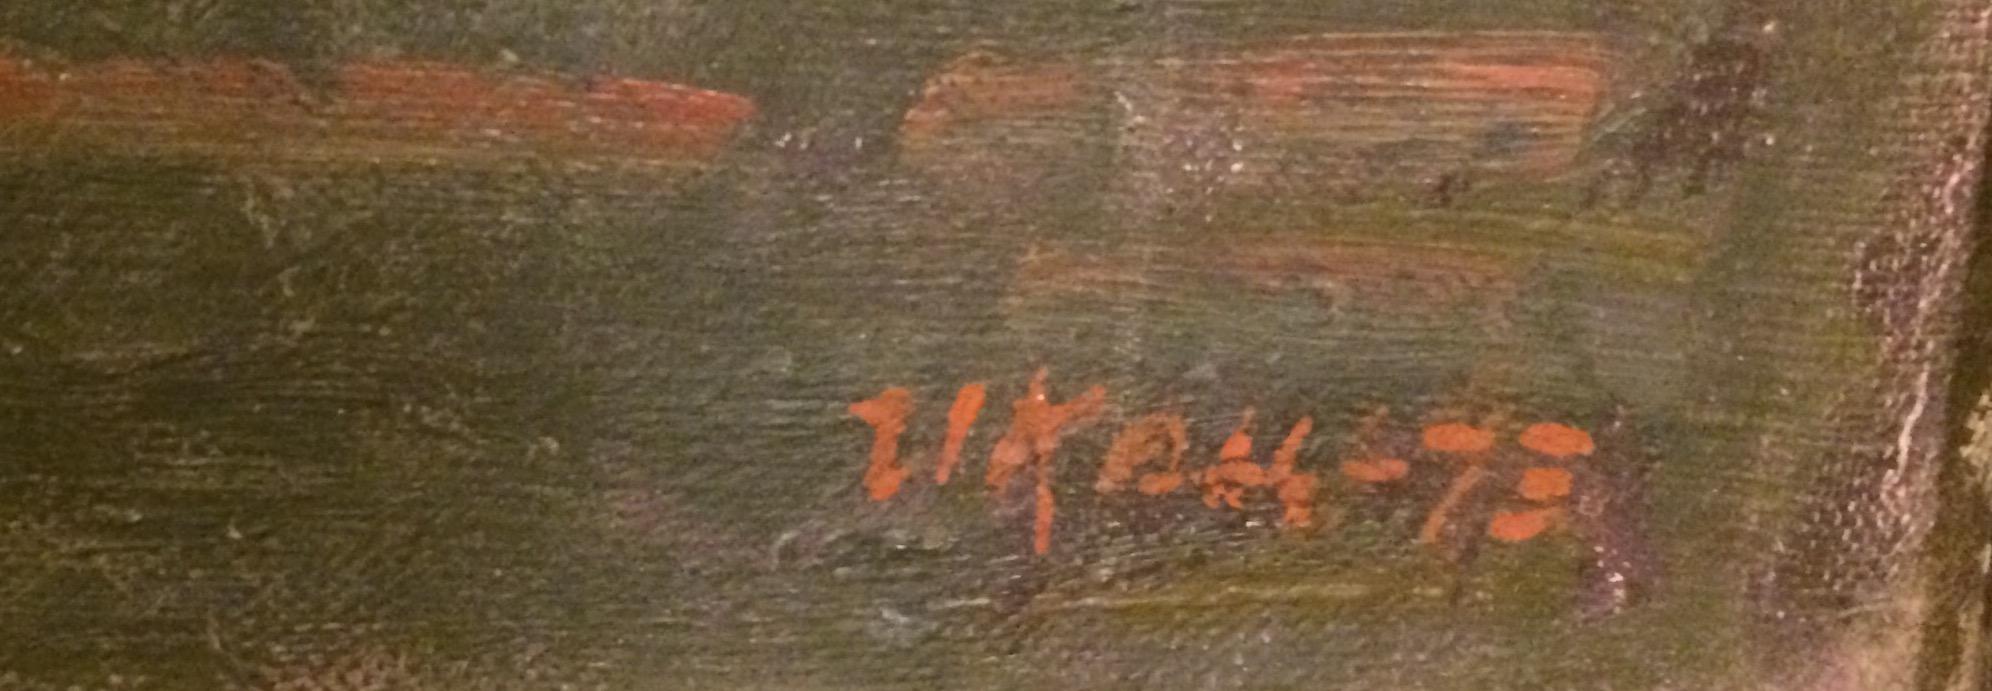 Подпись. Кац Илья Львович. Натюрморт с бутылкой вина.